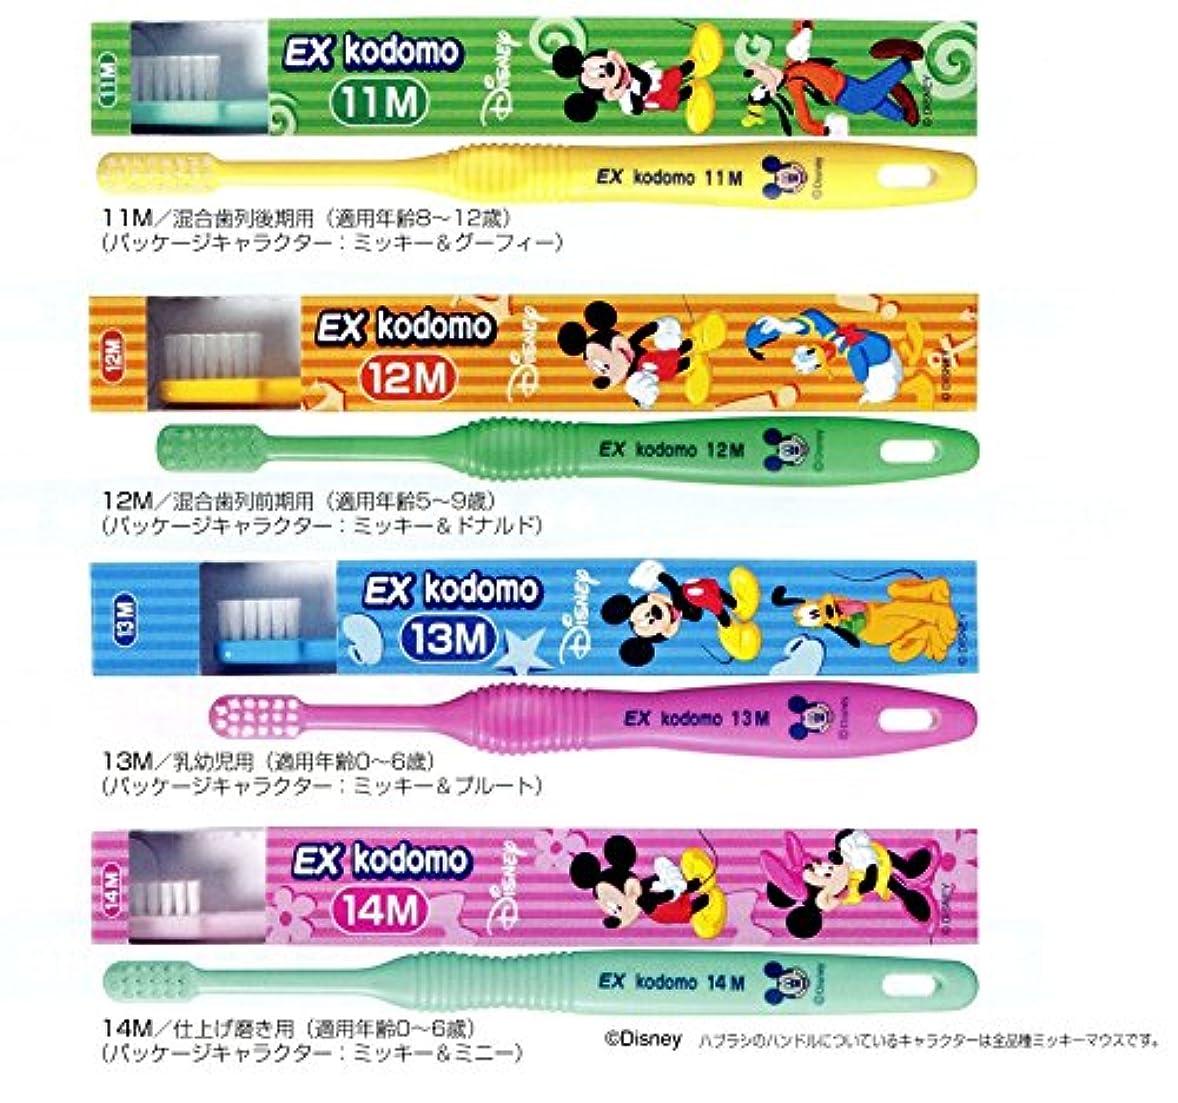 通貨パイプ旅行ライオン コドモ ディズニー DENT.EX kodomo Disney 1本 12M ピンク (5?9歳)